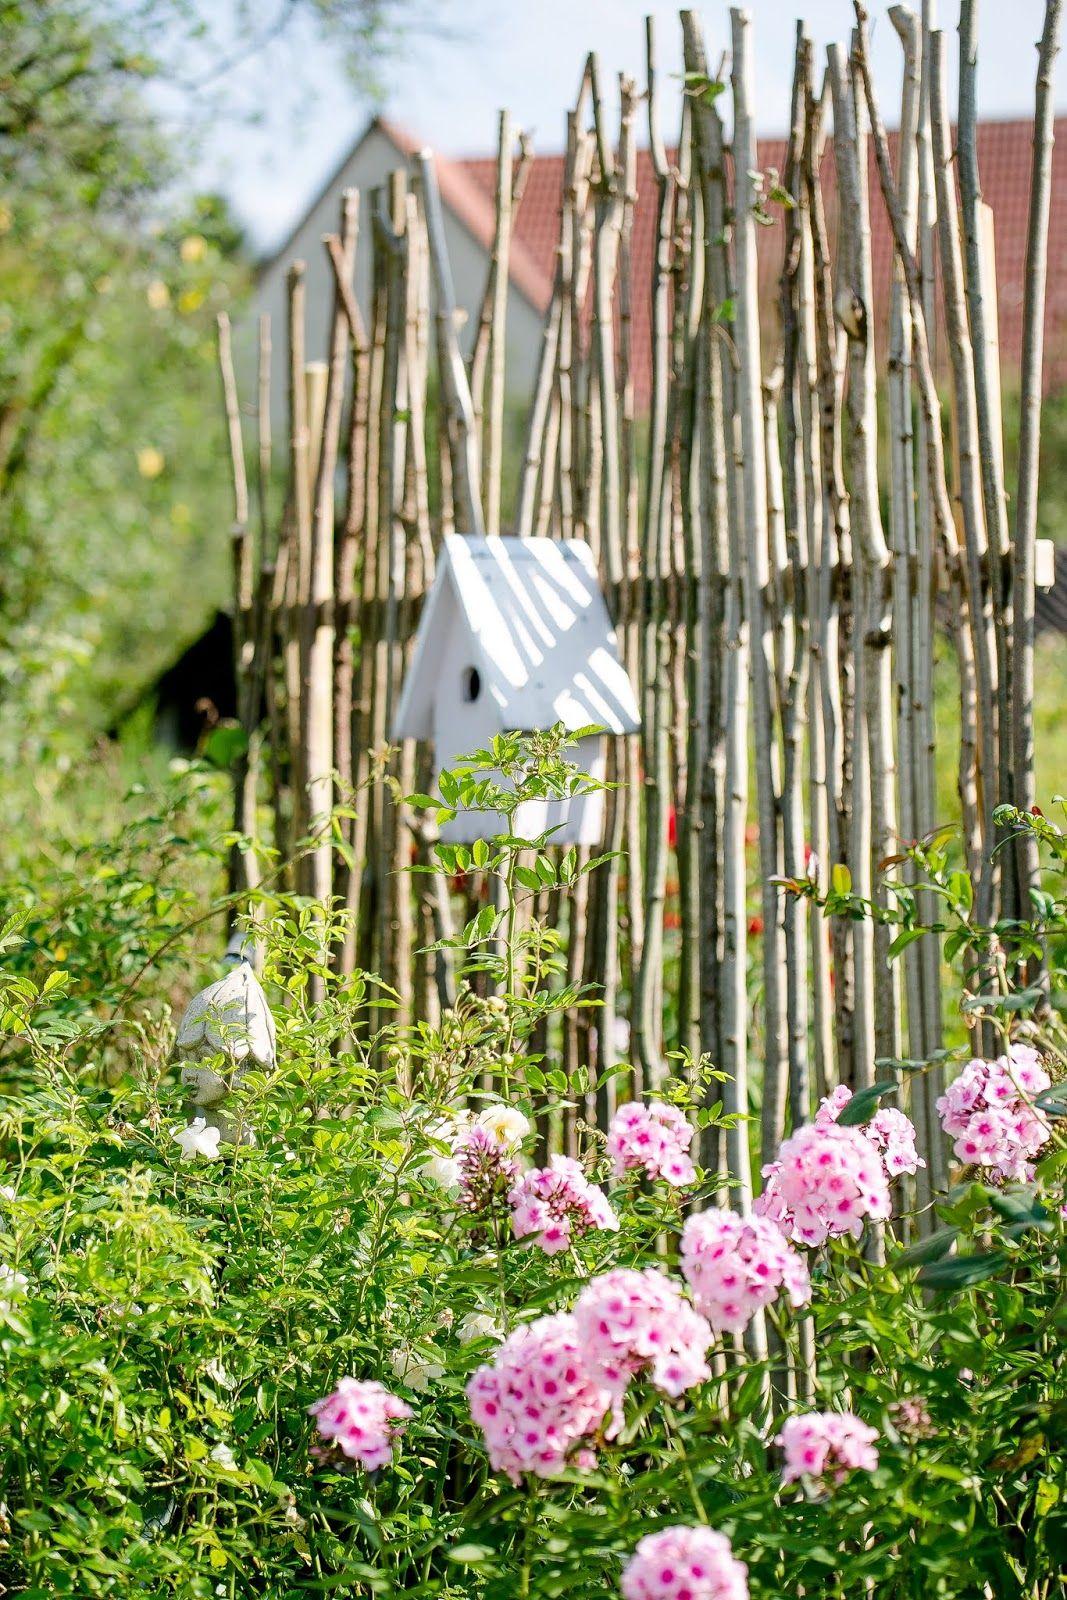 Sichtschutz Oder Unkonventionelle Rankhilfe Diy Pomponetti Sichtschutz Garten Diy Gartenideen Gartensichtschutz